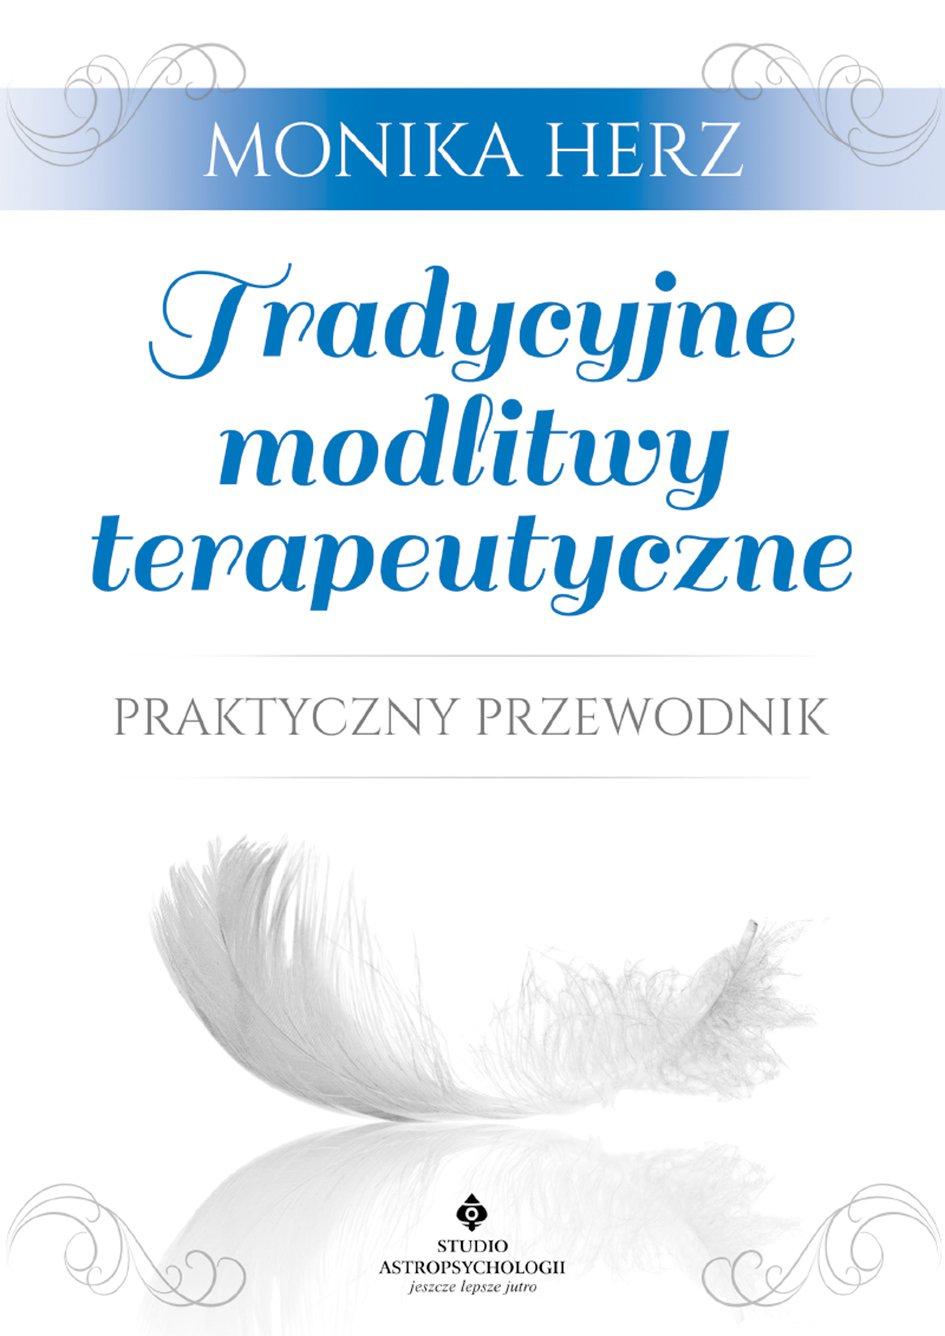 Tradycyjne modlitwy terapeutyczne. Praktyczny przewodnik - Ebook (Książka na Kindle) do pobrania w formacie MOBI